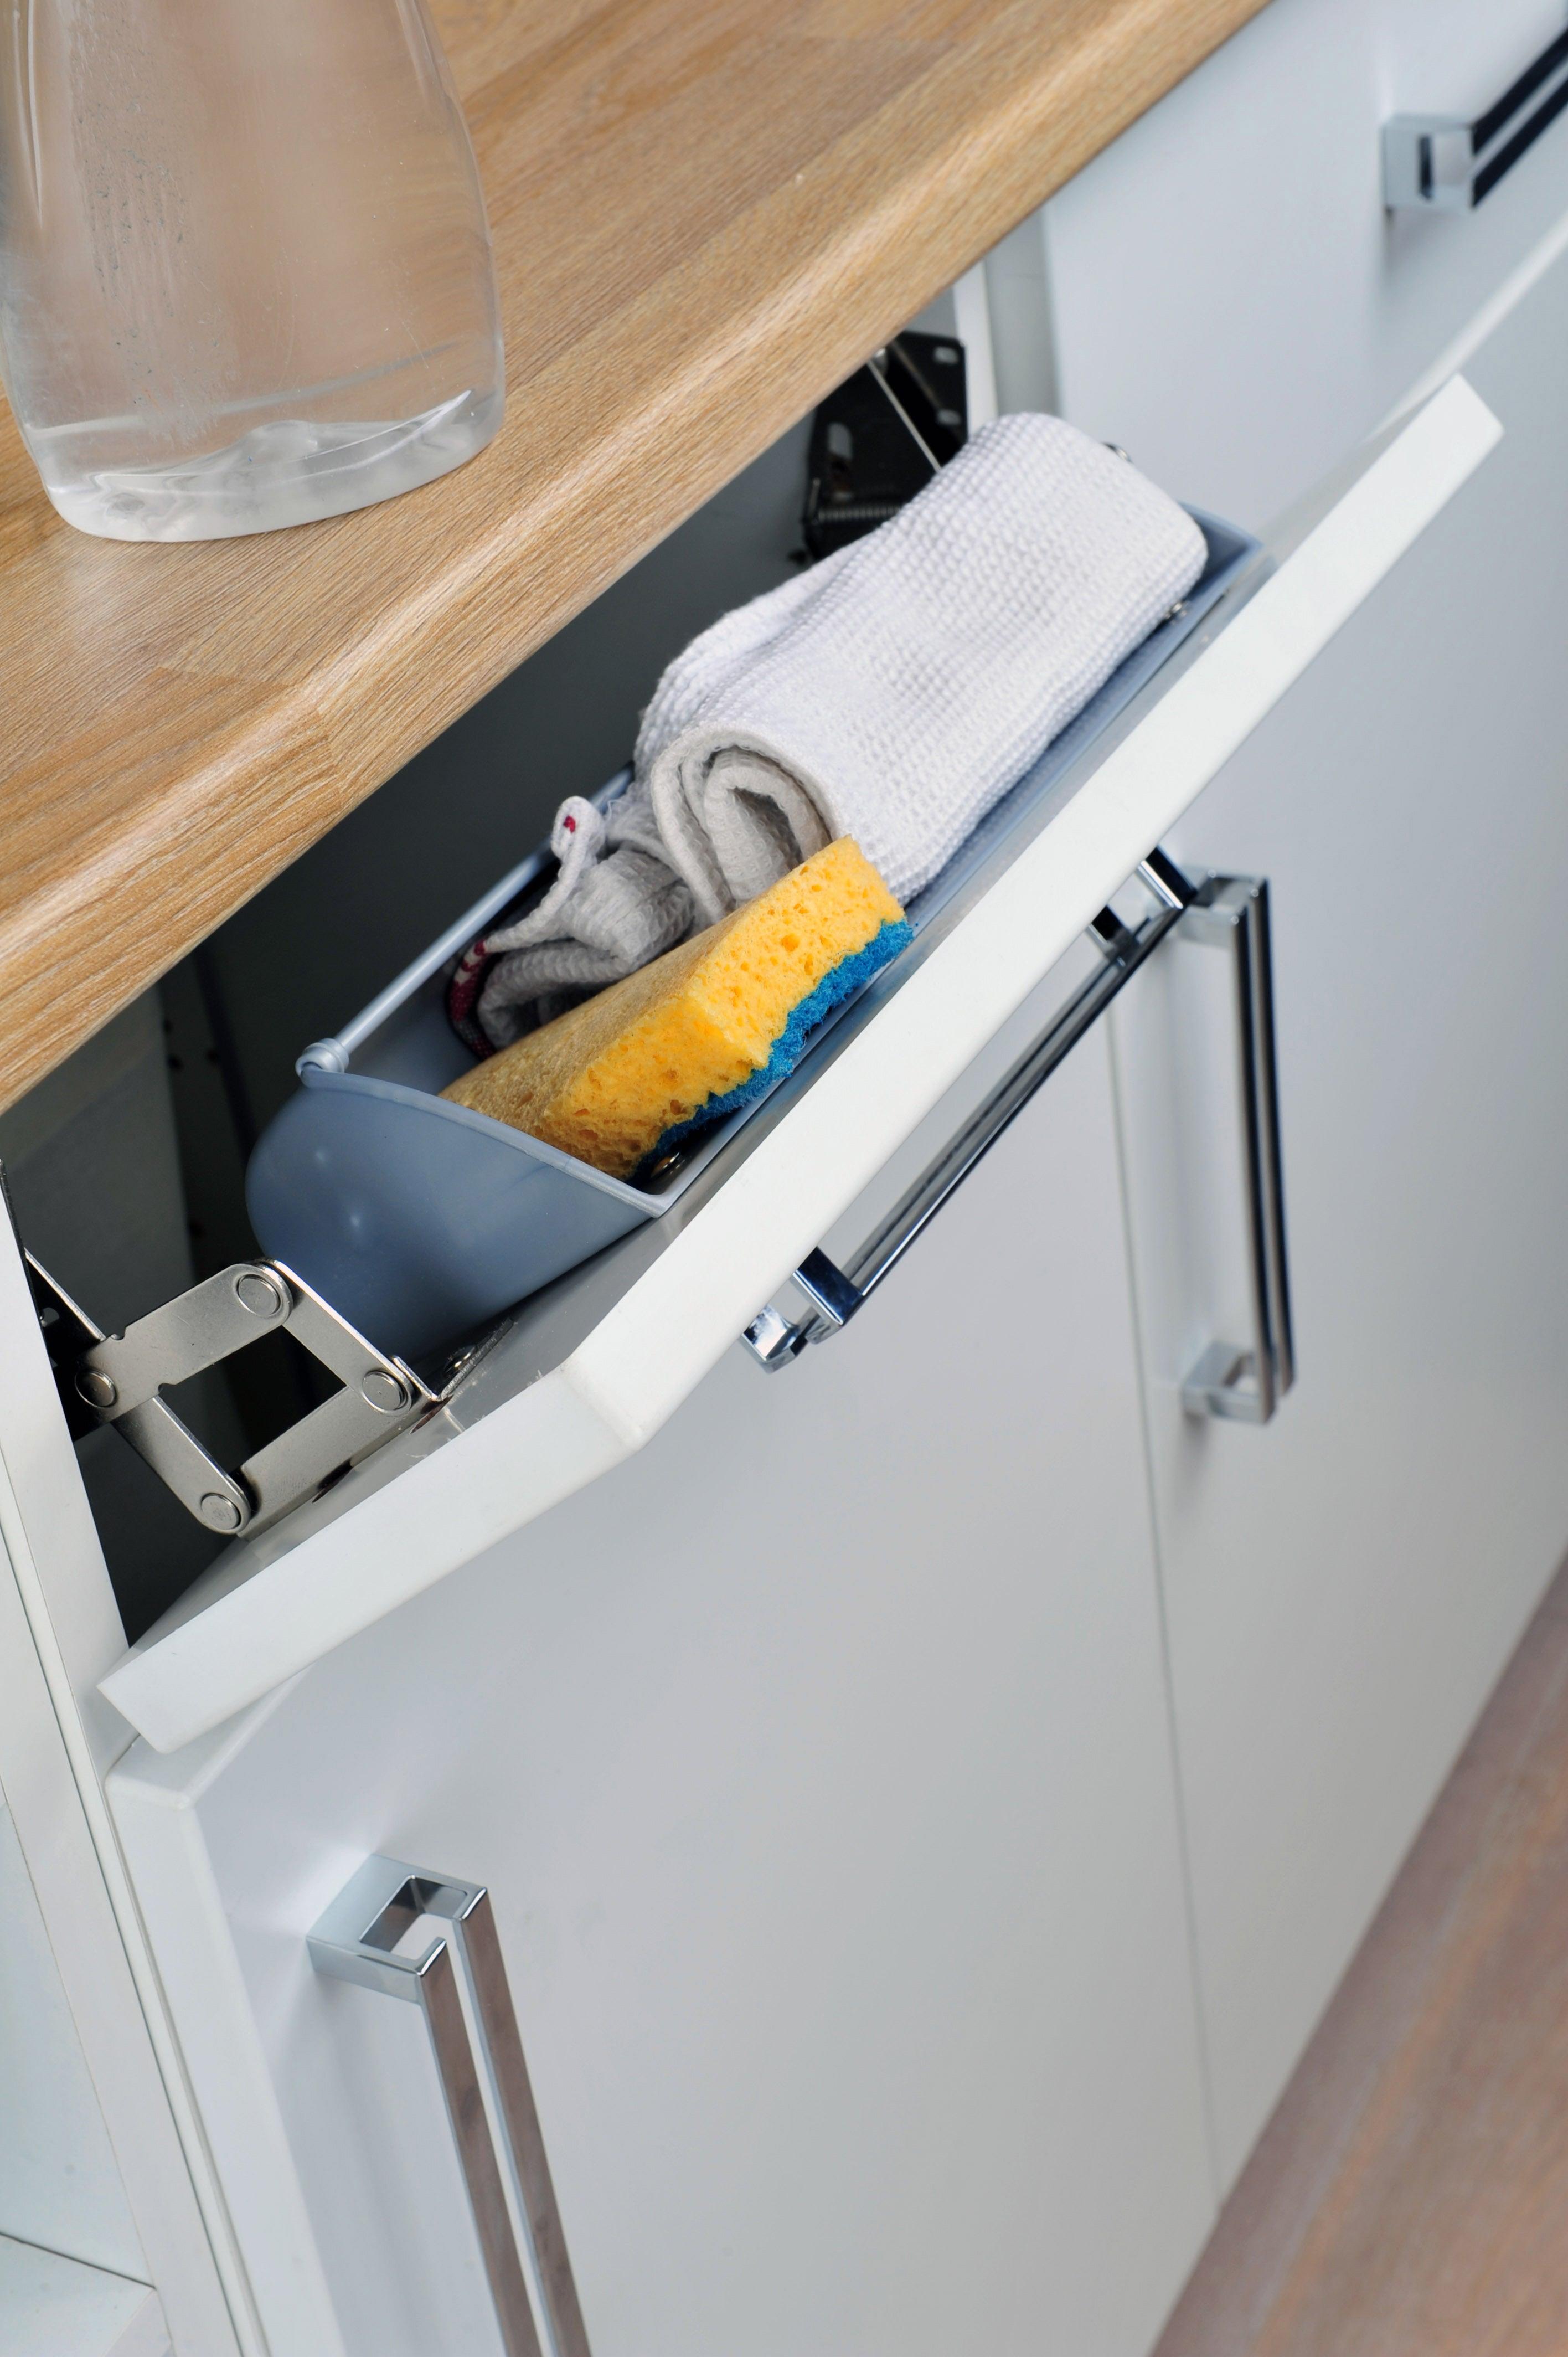 Panier faux tiroir pour meuble l.14 cm, DELINIA